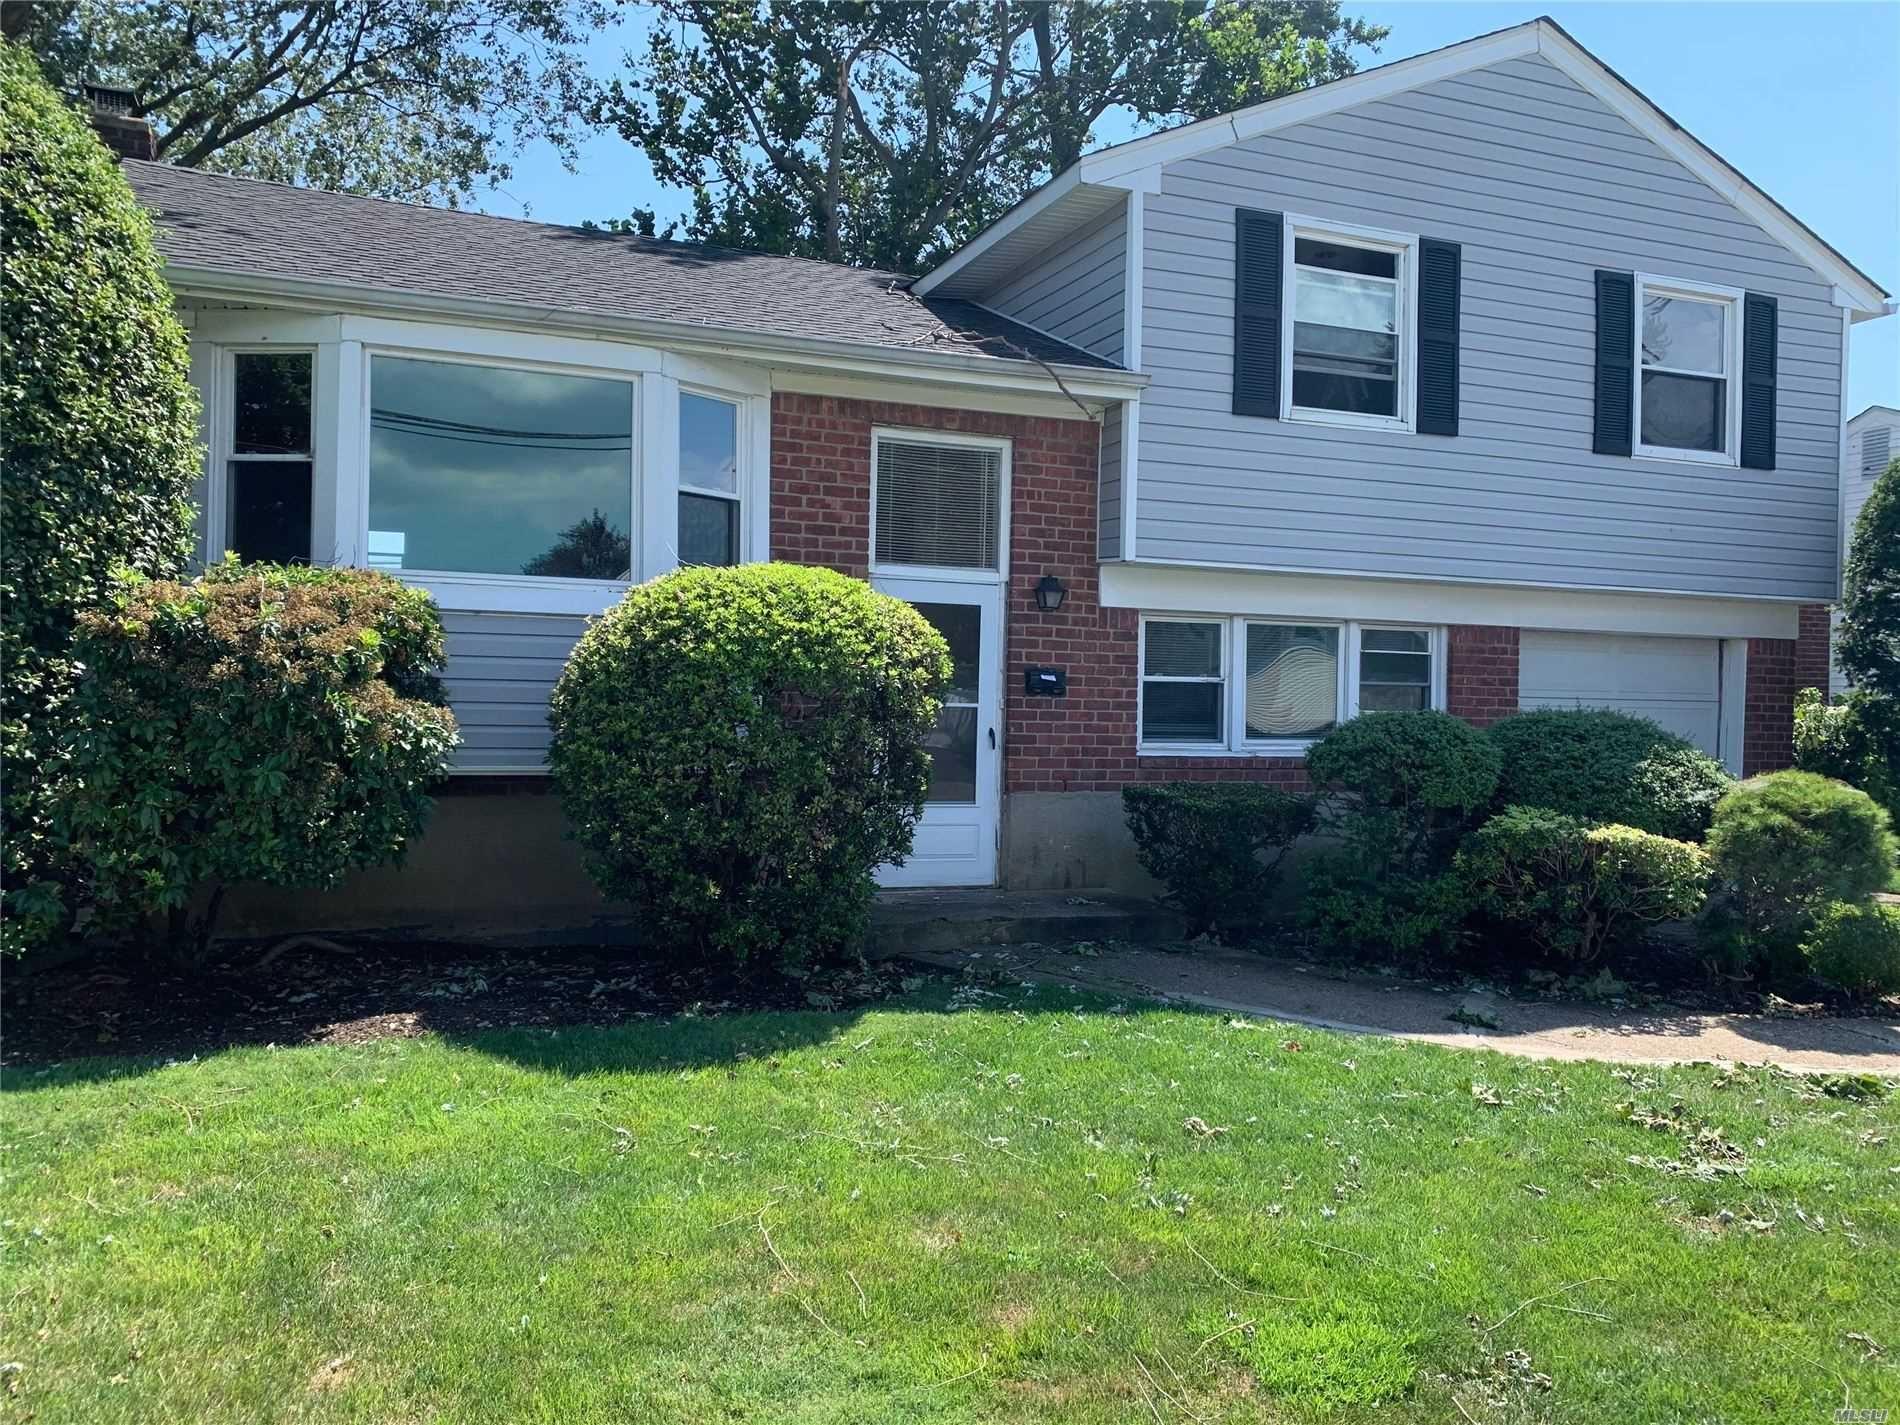 58 Alexander Ave, Hicksville, NY 11801 - MLS#: 3239912